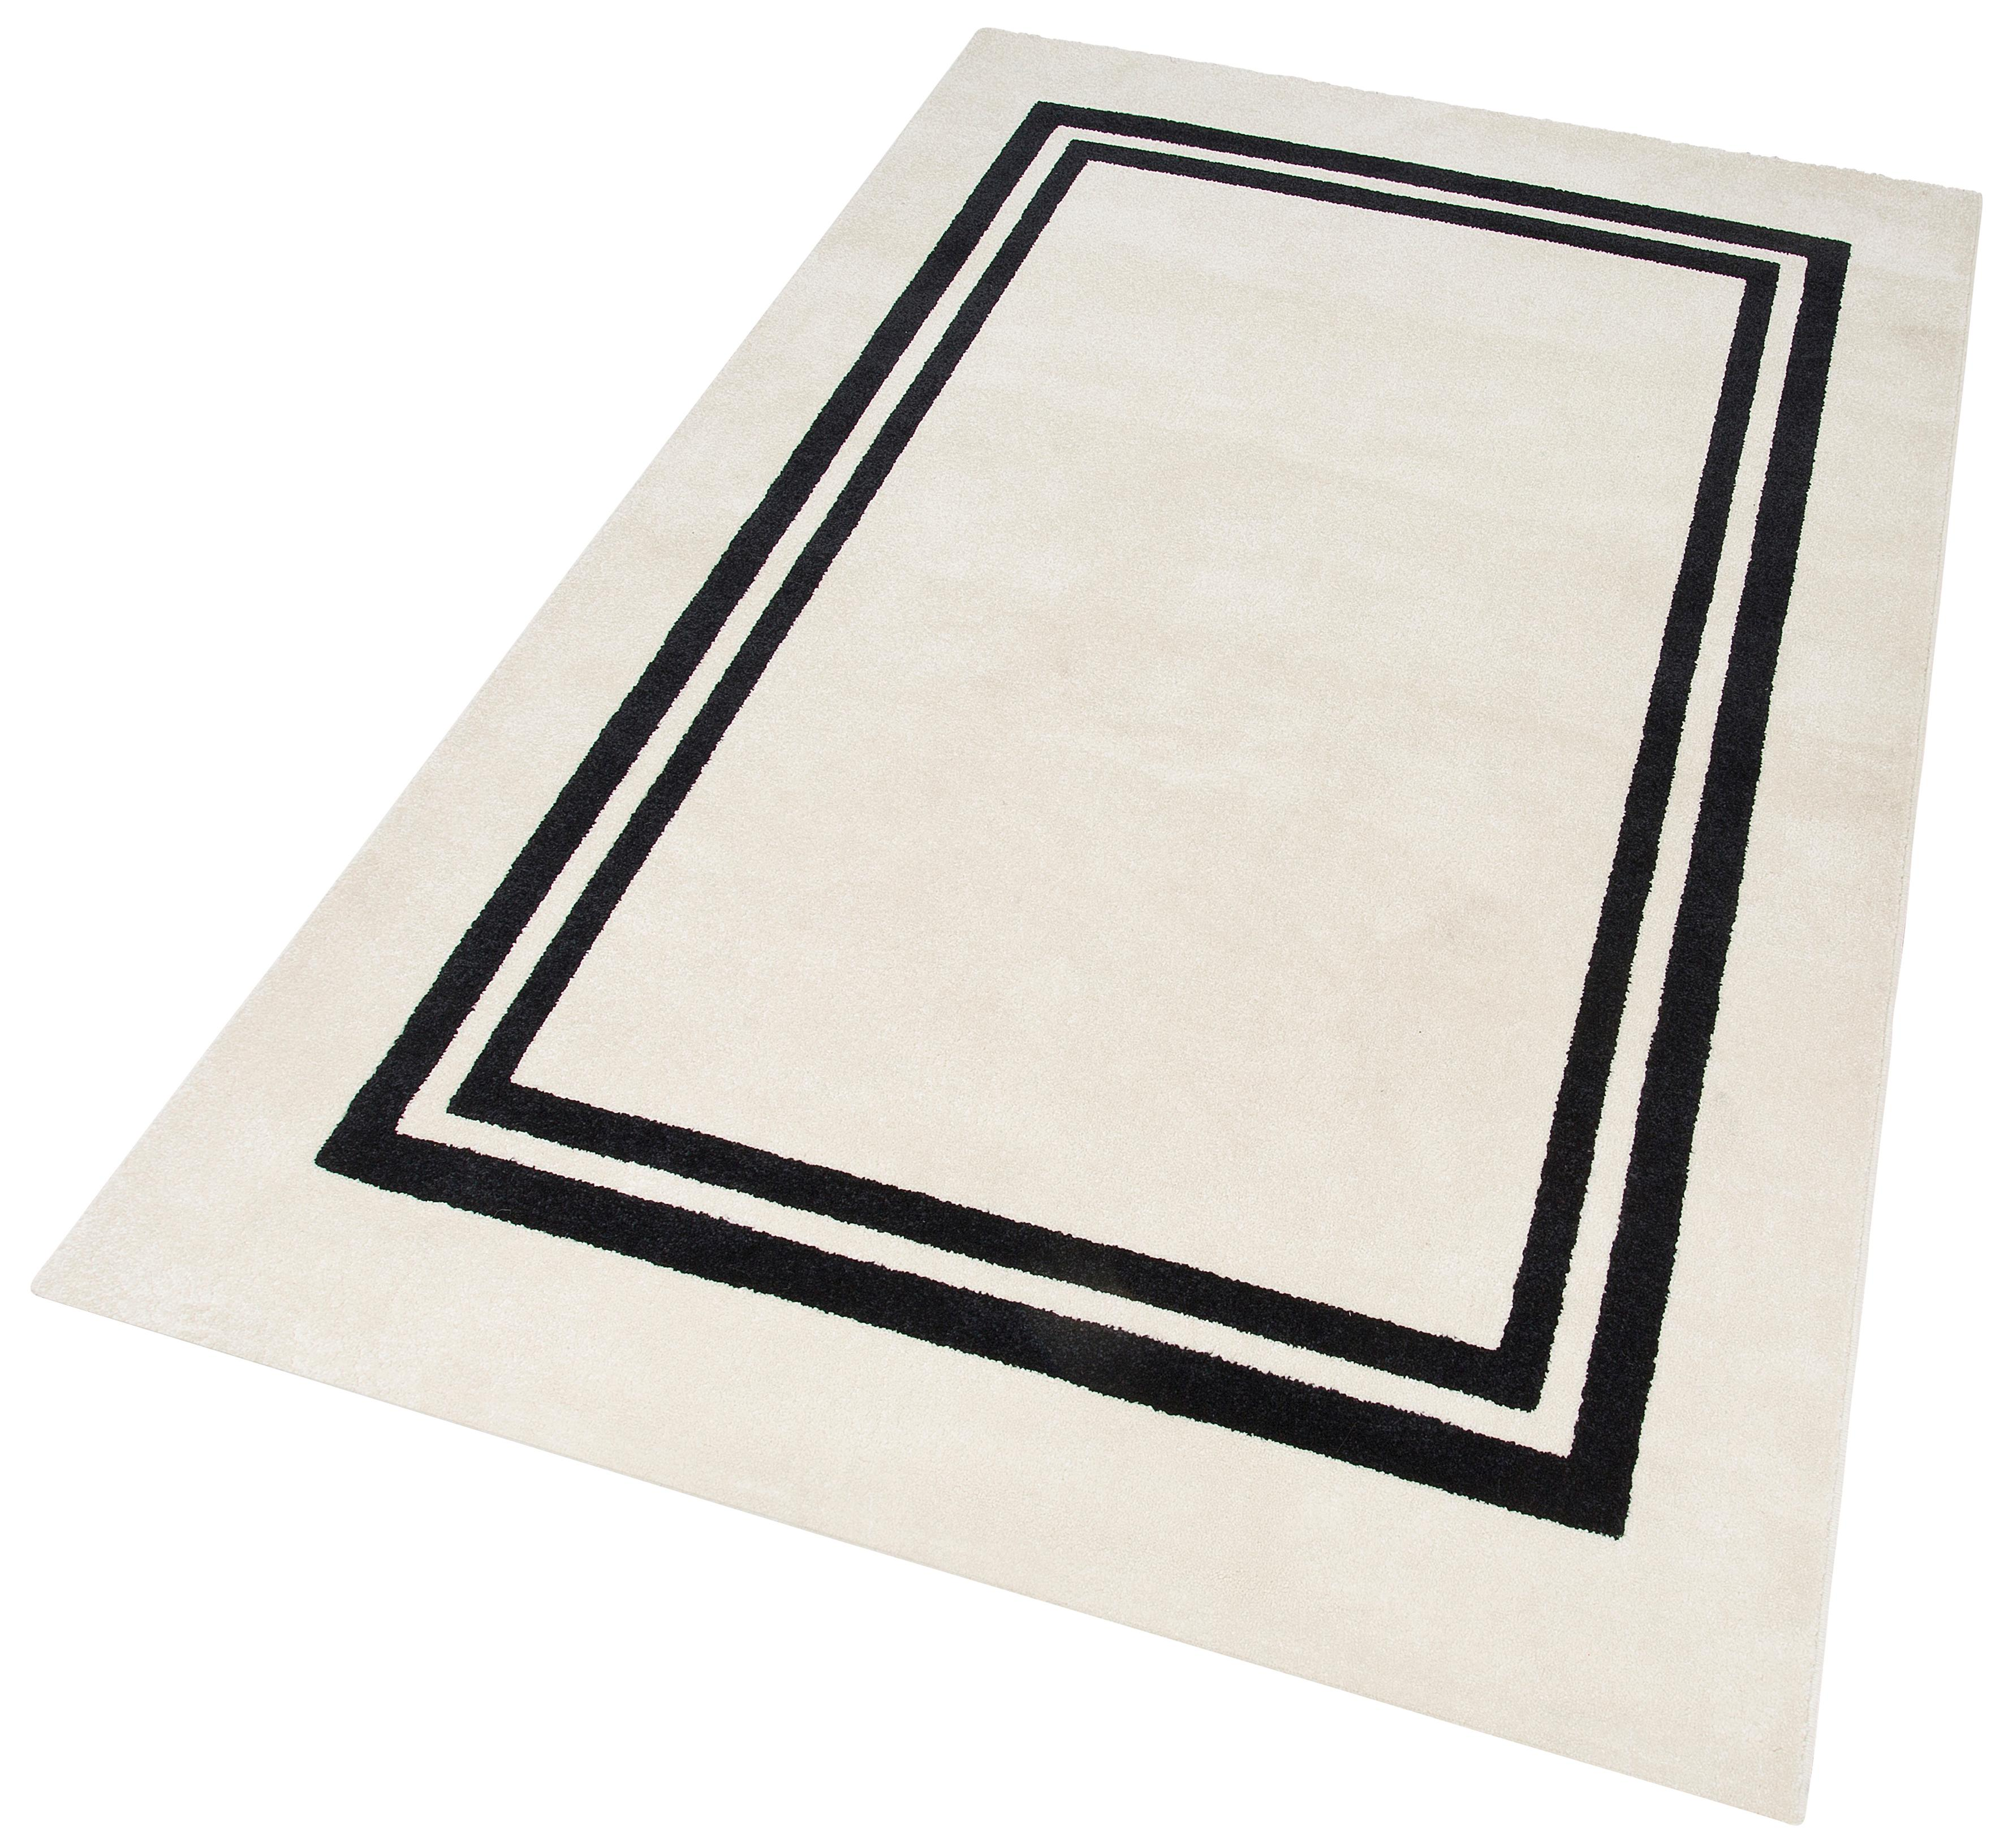 Teppich Adina Guido Maria Kretschmer Home&Living rechteckig Höhe 13 mm maschinell gewebt